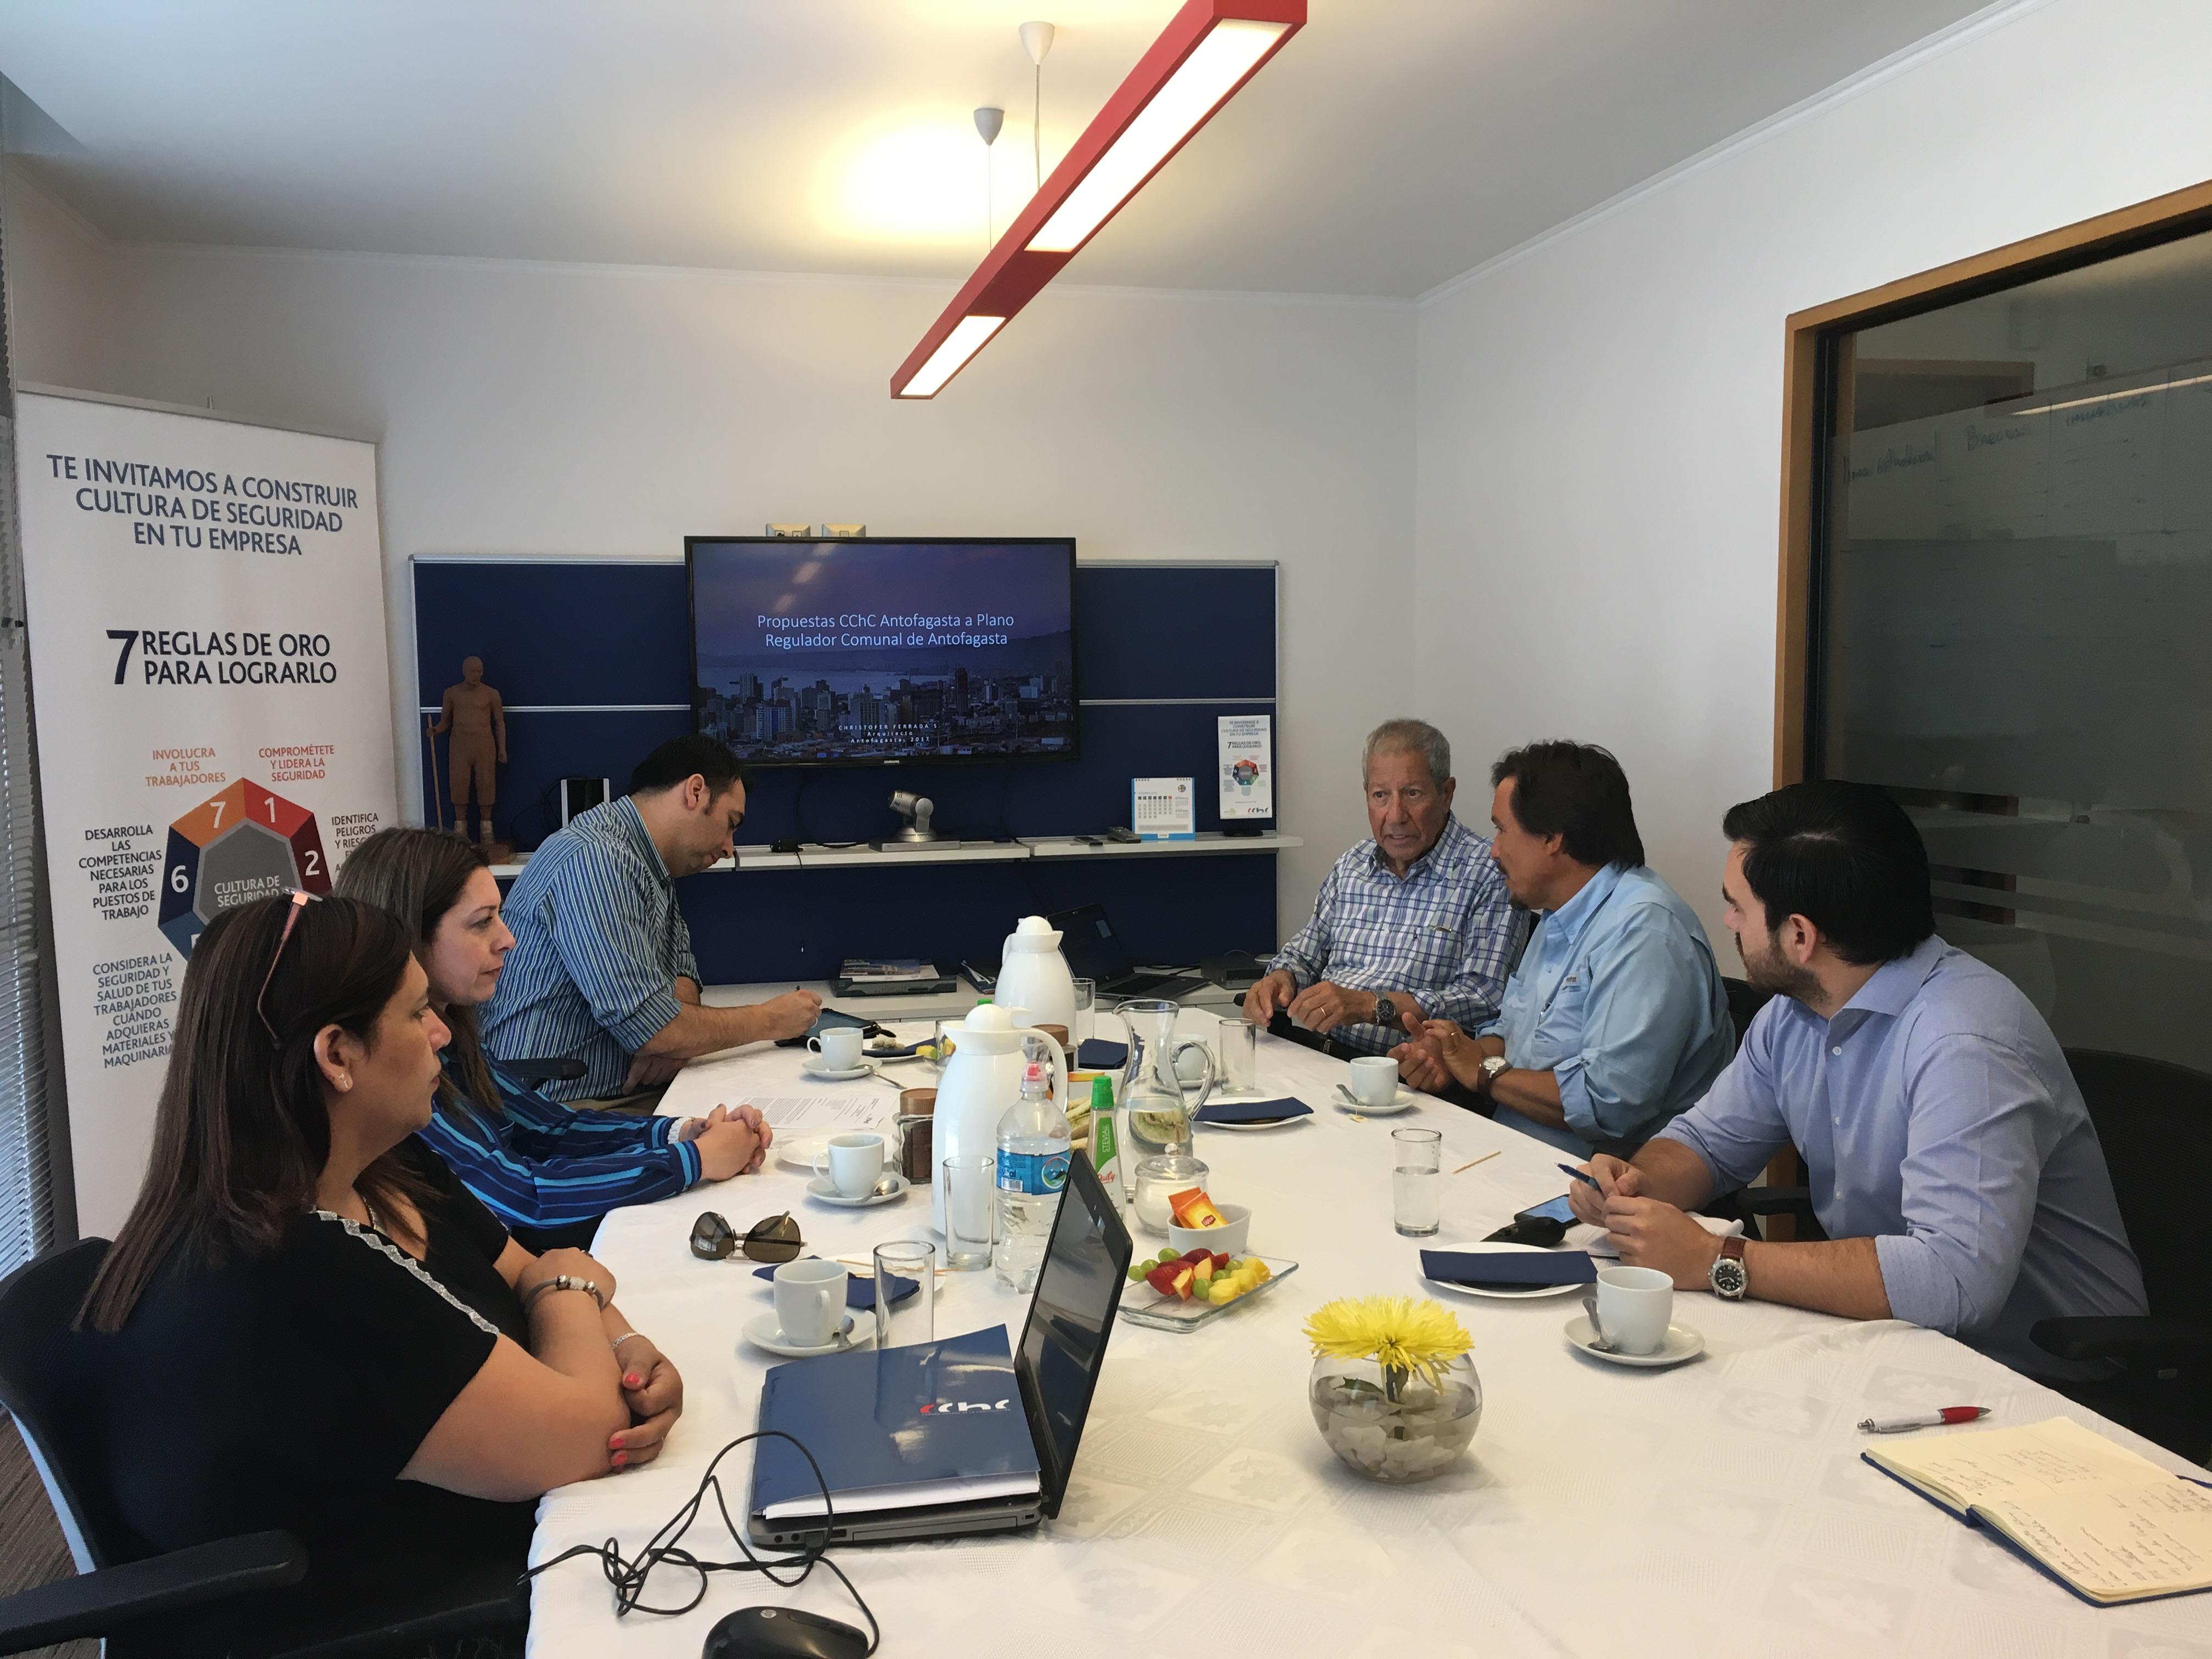 Antofagasta – Comisión de <mark>Urbanismo</mark> se enfocará en generar propuestas al plan regulador noticias